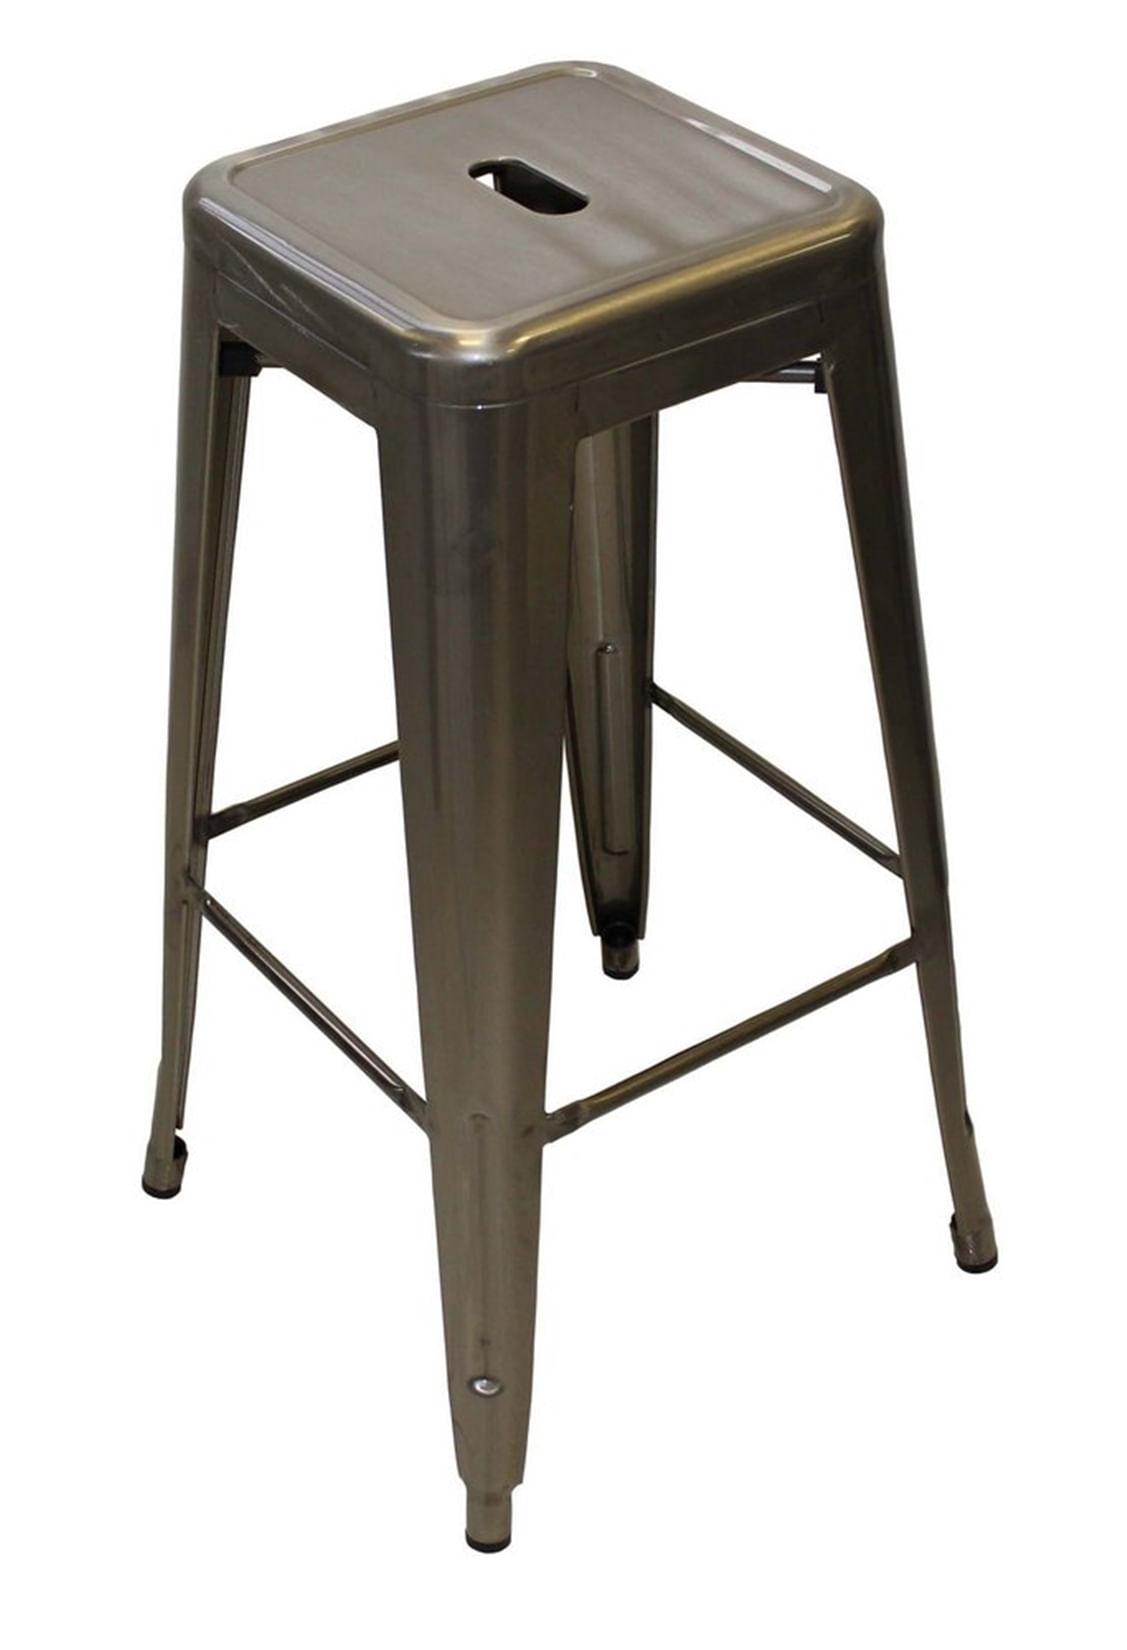 Banqueta Tolix Cor Prata Metalizada 77 cm (ALT) - 51628